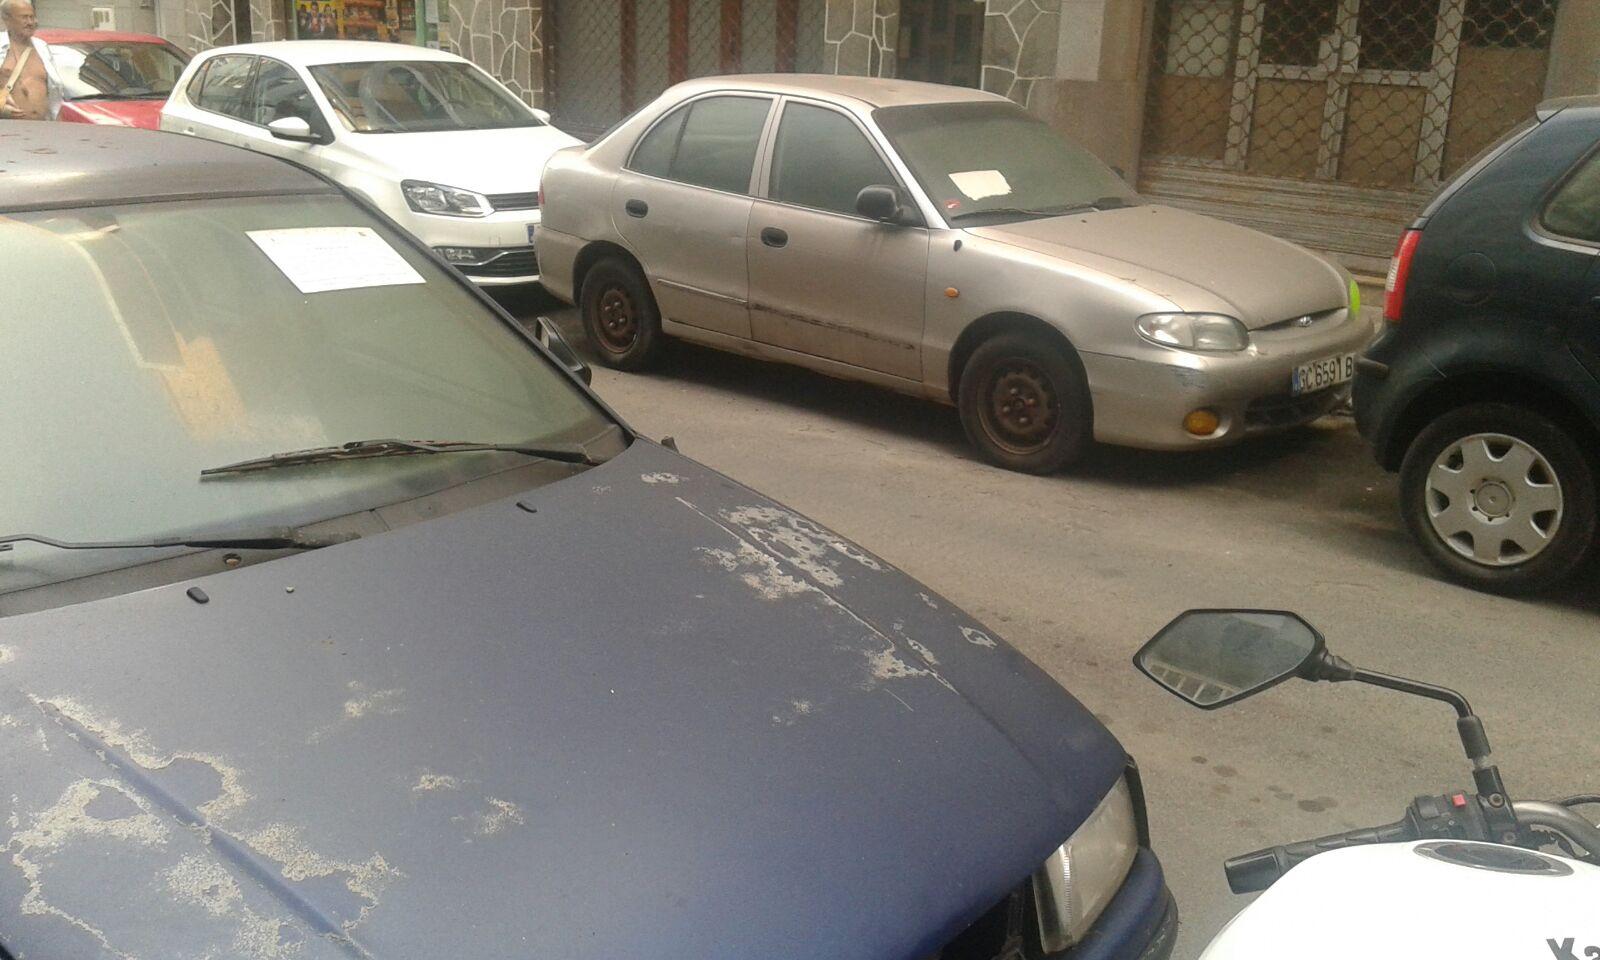 El PP denuncia el incumplimiento del Tripartito de retirar los vehículos abandonados en las calles